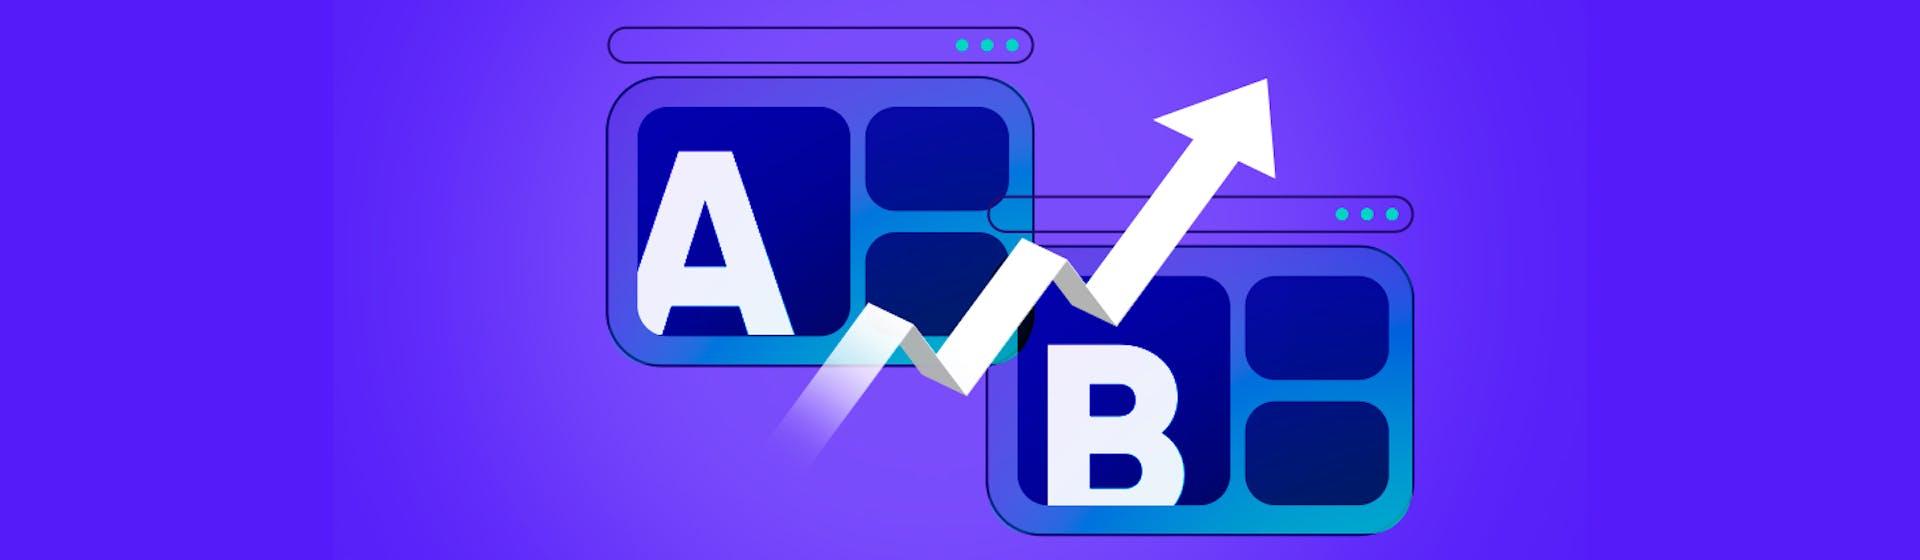 ¿Pocas conversiones? Conoce qué es un A/B testing y optimiza tu web